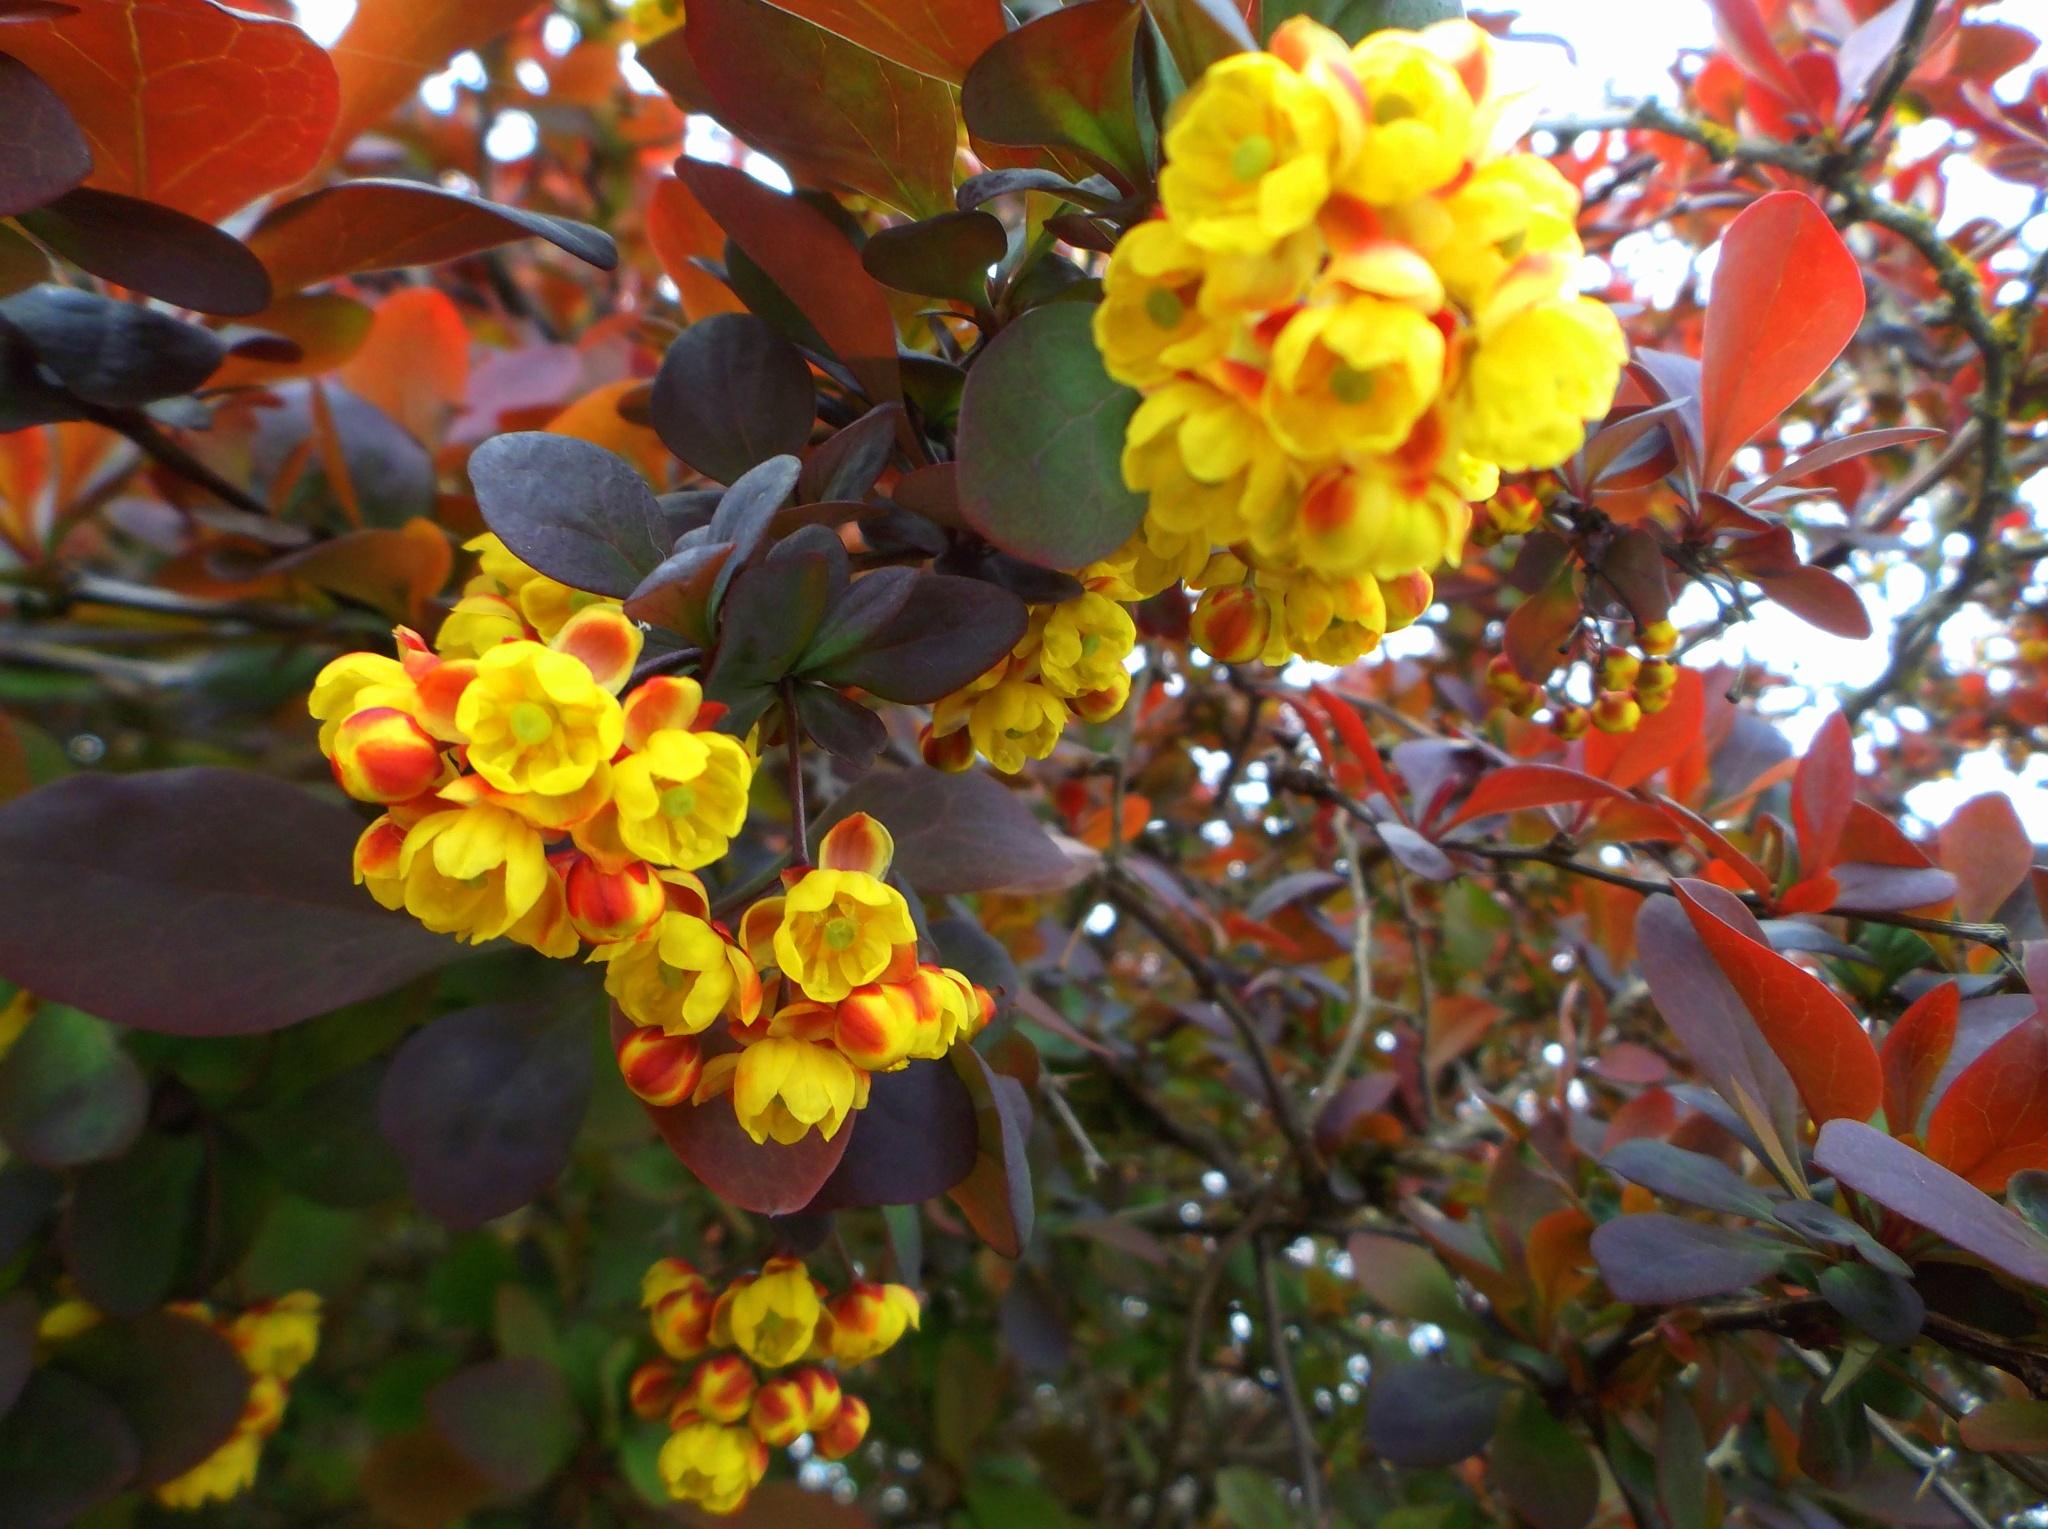 Flowering shrub by uzkuraitiene62